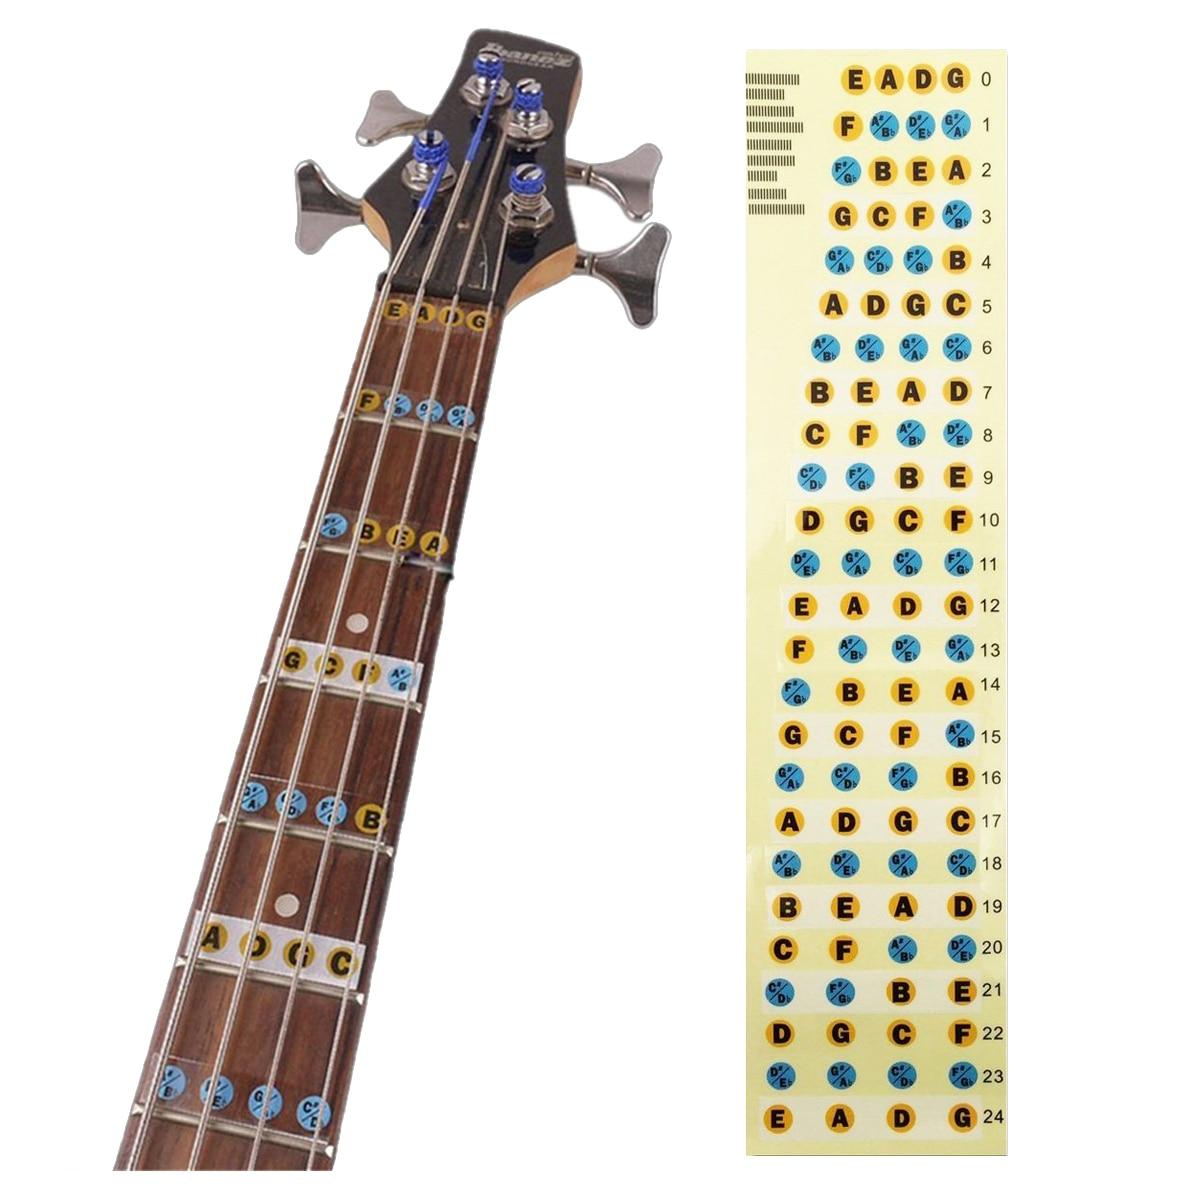 guitar fretboard notes map labels sticker fingerboard fret decals for beginner learner practice. Black Bedroom Furniture Sets. Home Design Ideas